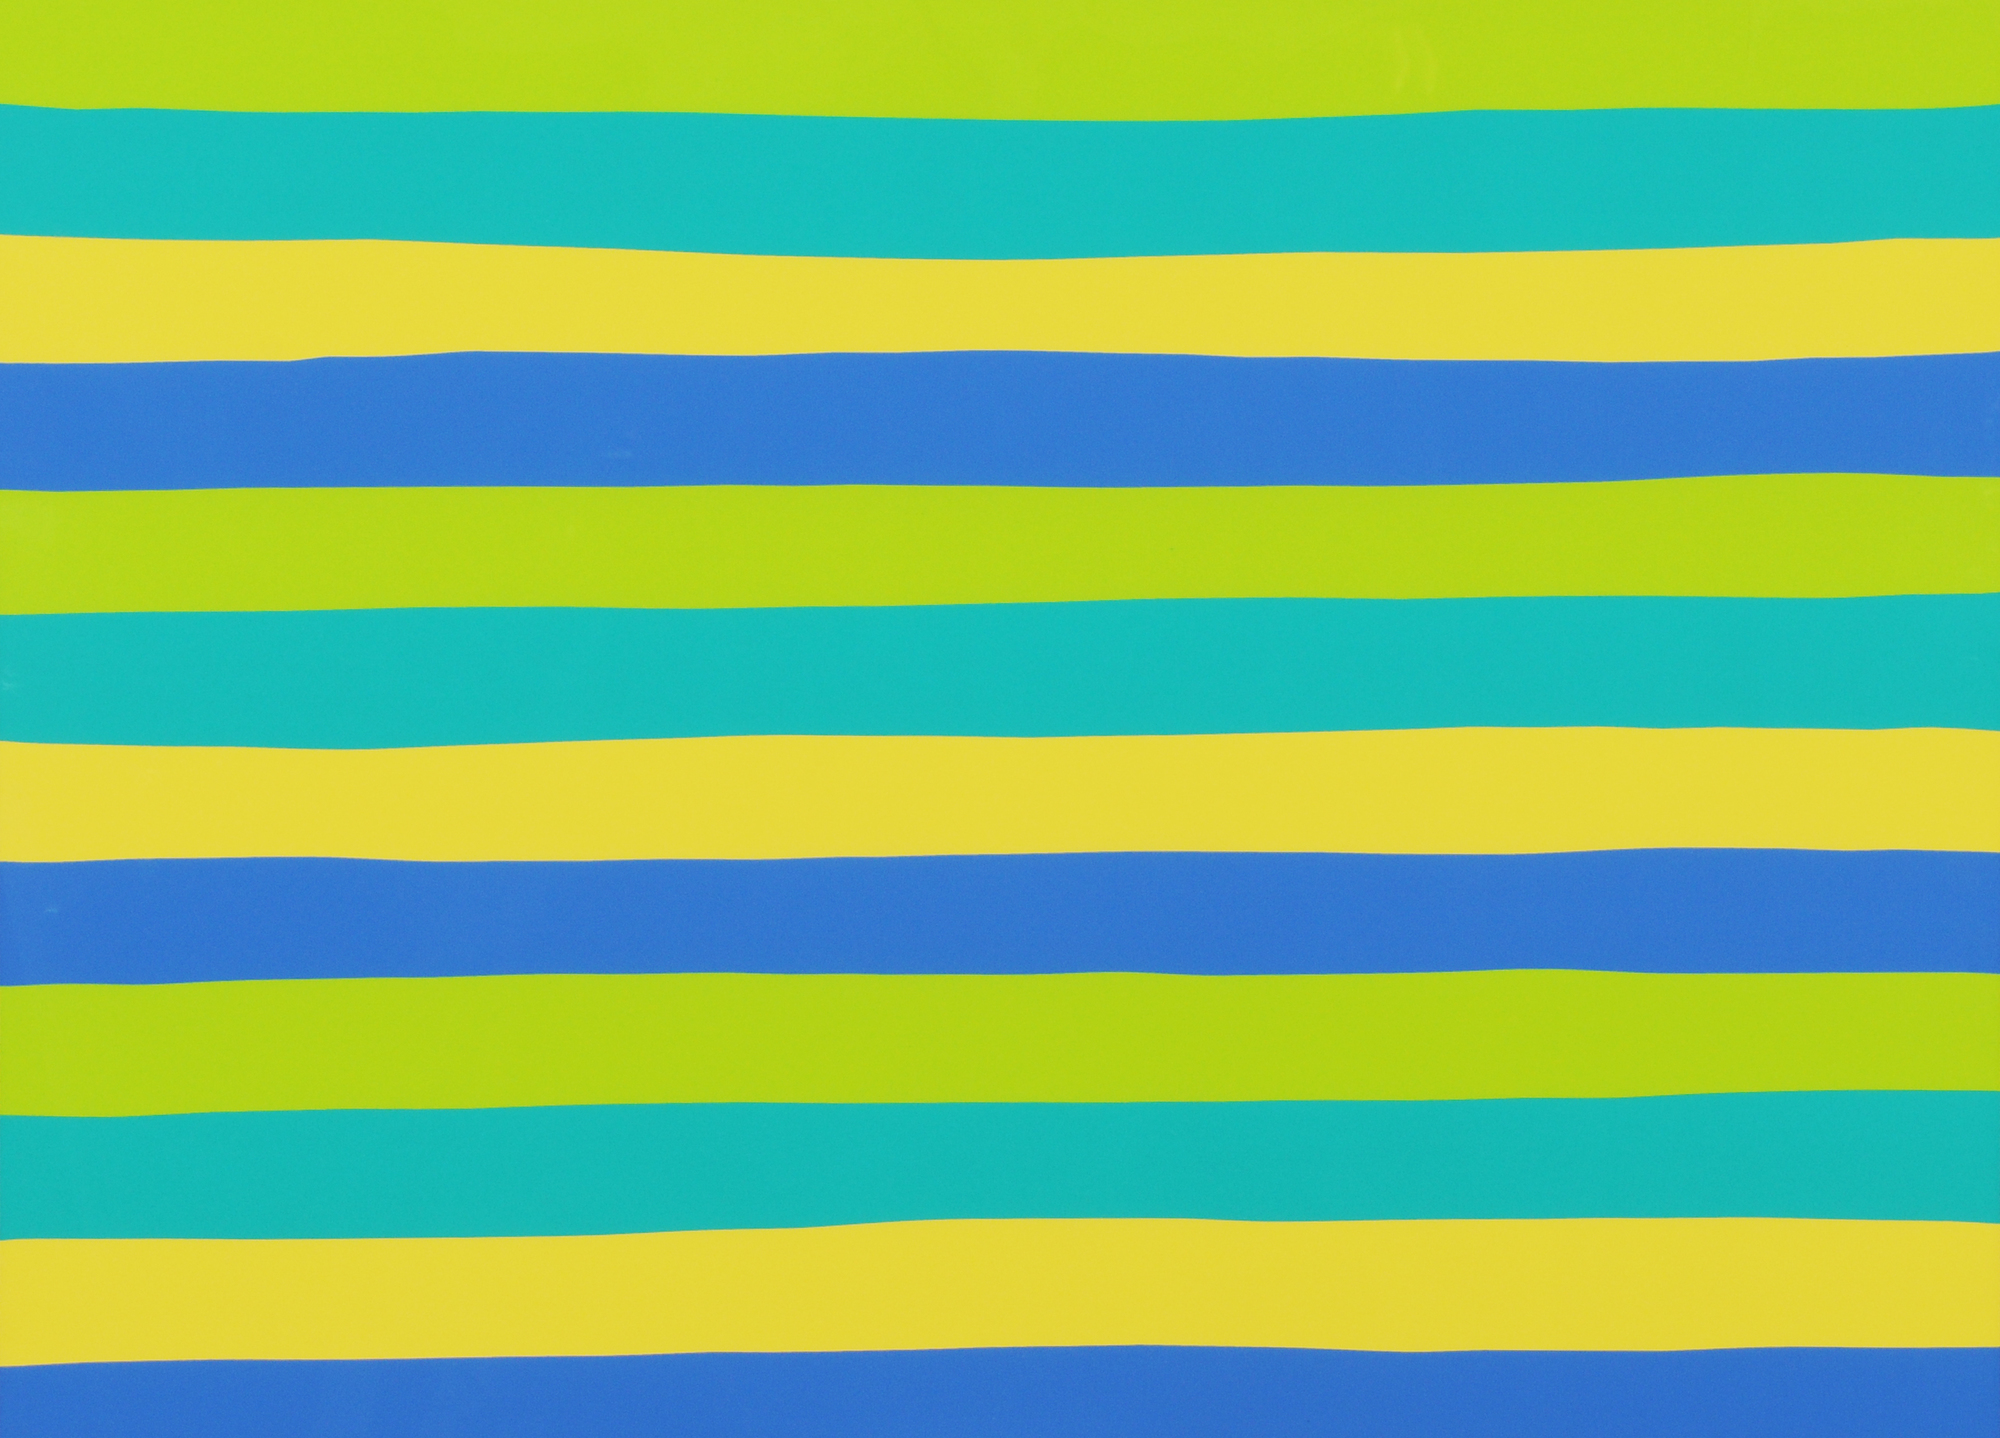 Markus Weggenmann, 3 sheets: Untitled